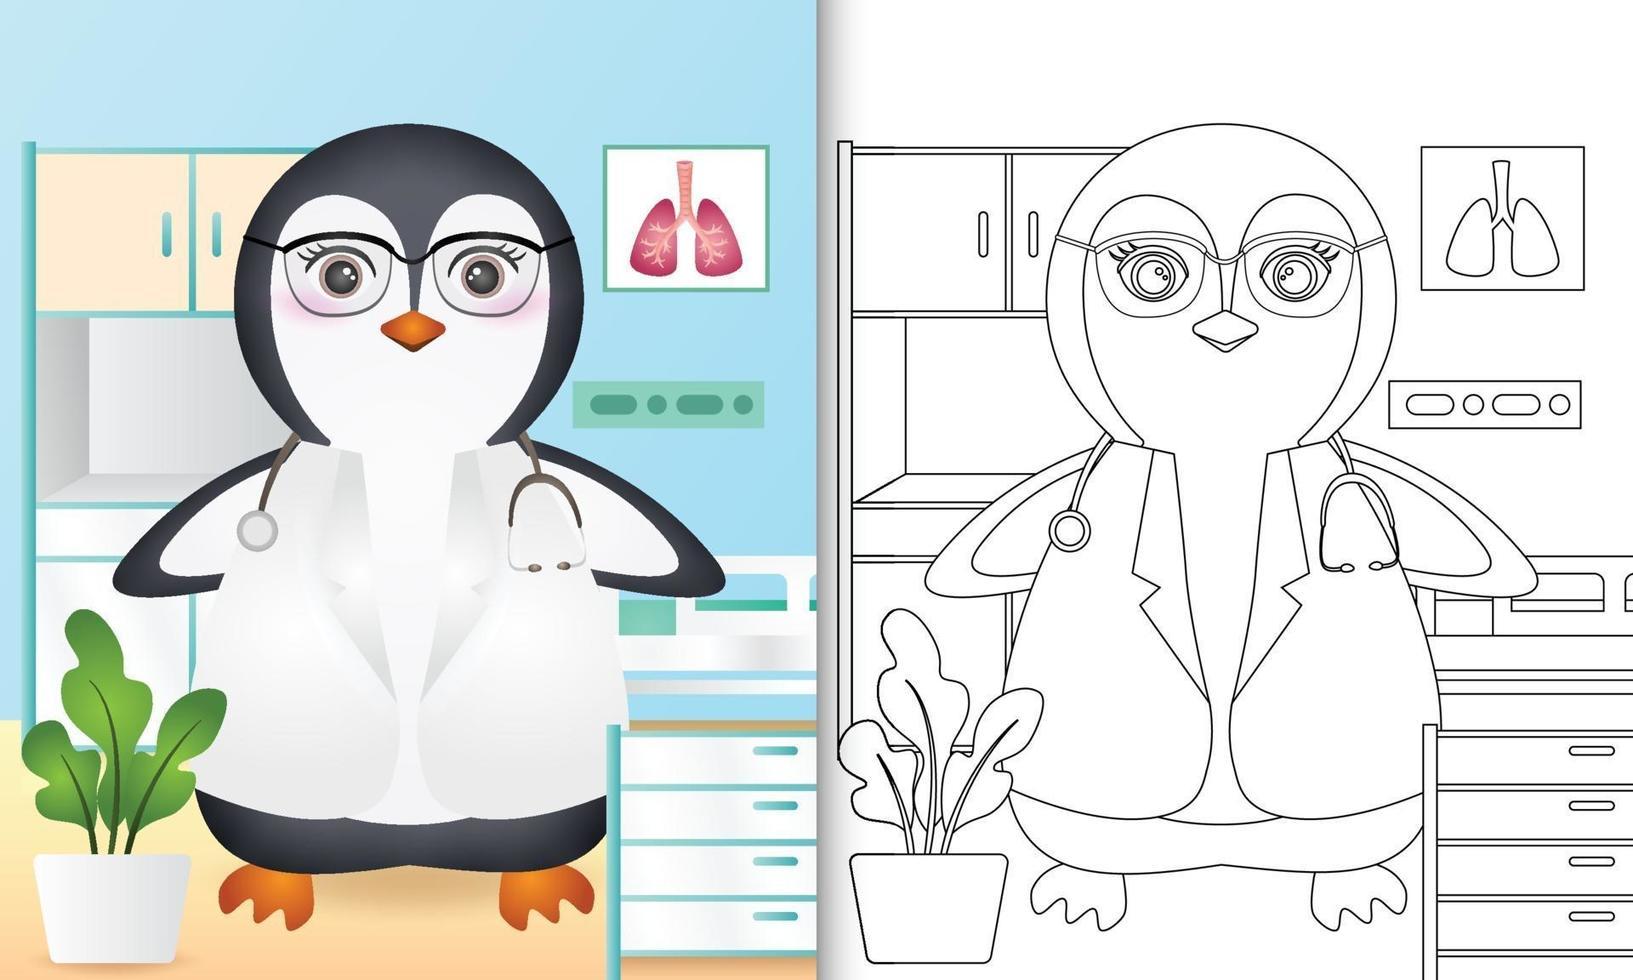 livre de coloriage pour les enfants avec une illustration de personnage mignon médecin pingouin vecteur